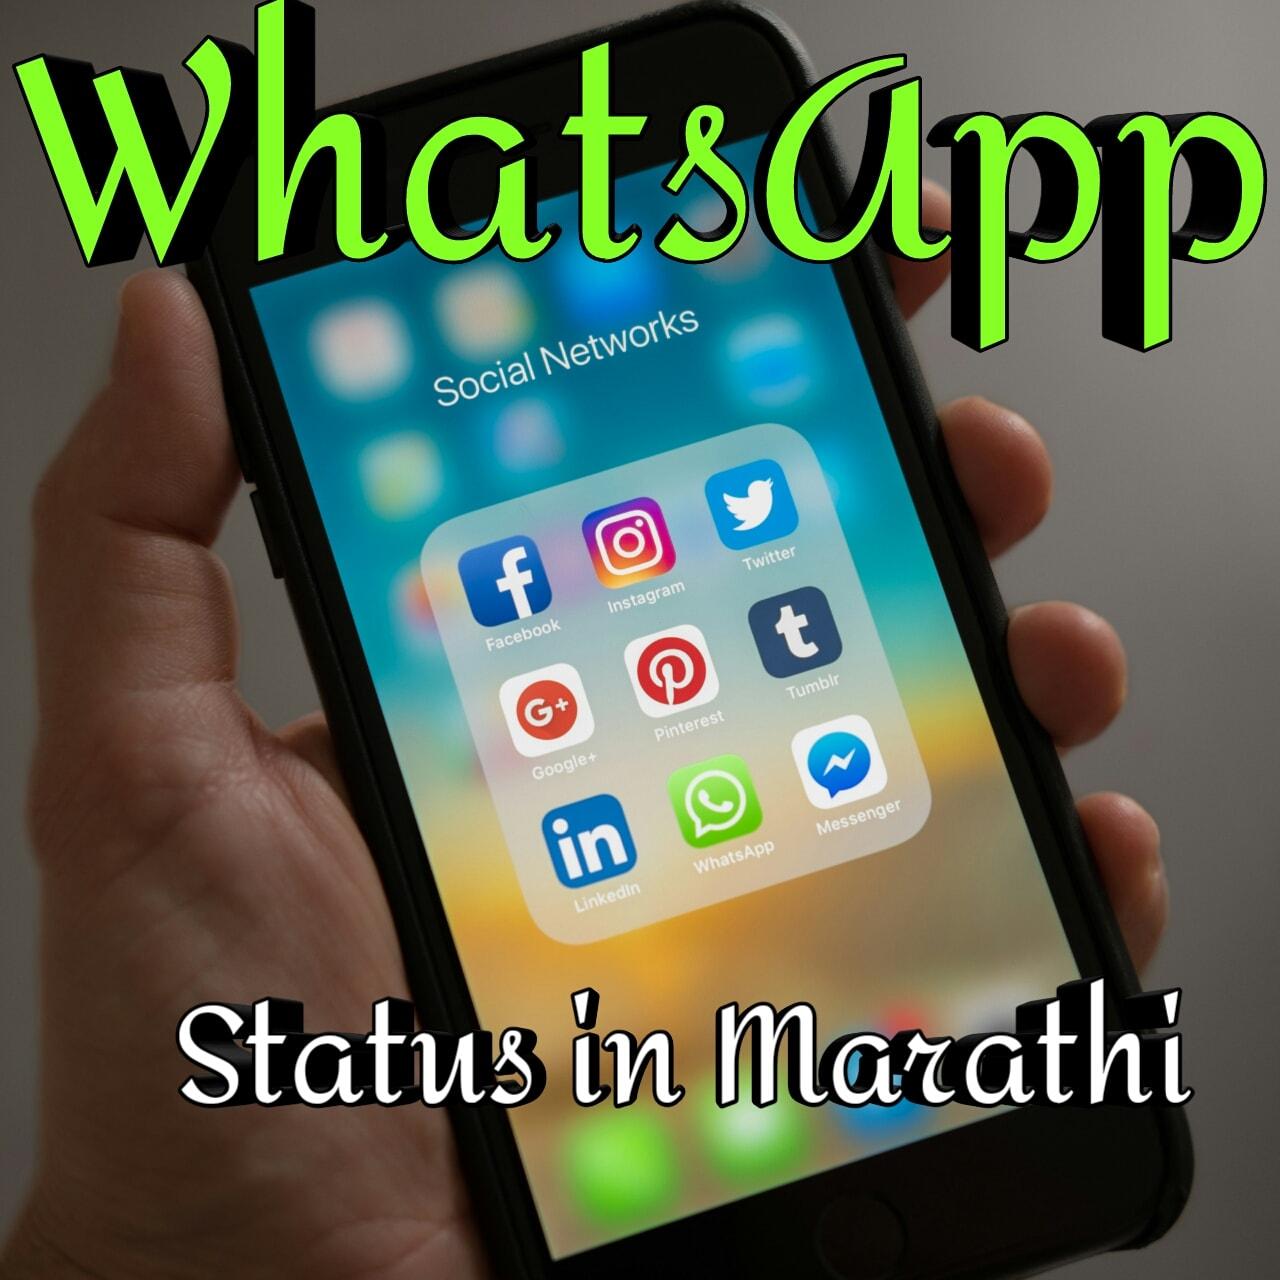 WhatsApp Status In Marathi: 100 + Latest Marathi status for whatsapp